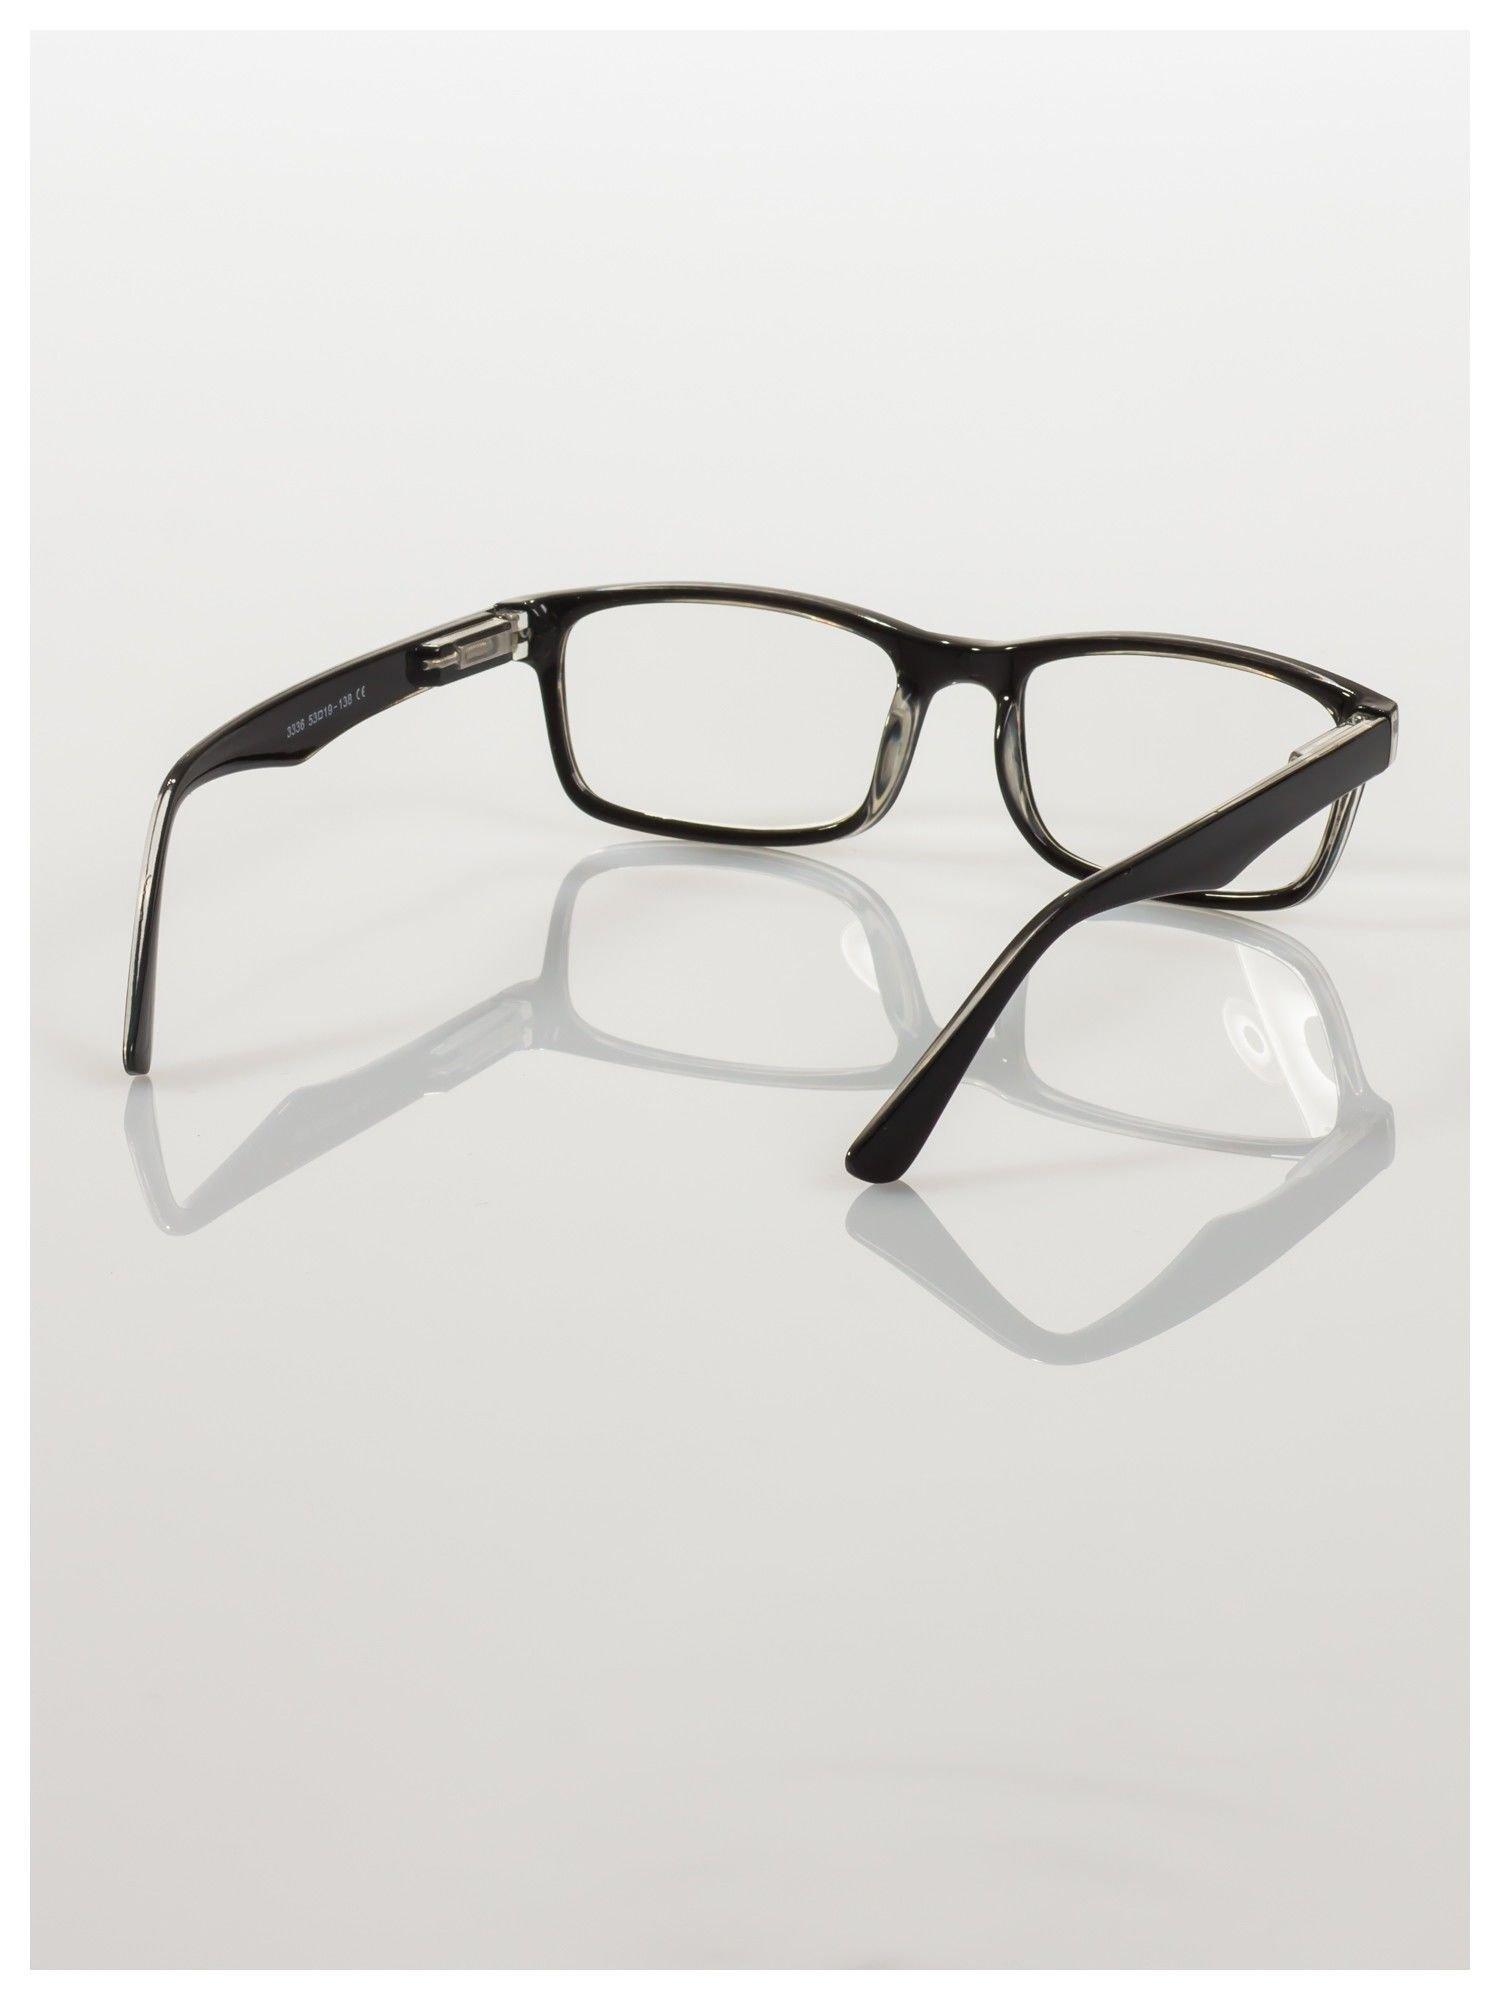 Okulary korekcyjne +2.0 D ,model WAYFARER do czytania z systemem FLEX na zausznikach +GRATIS PLASTIKOWE ETUI I ŚCIERECZKA Z MIKROFIBRY                                  zdj.                                  4